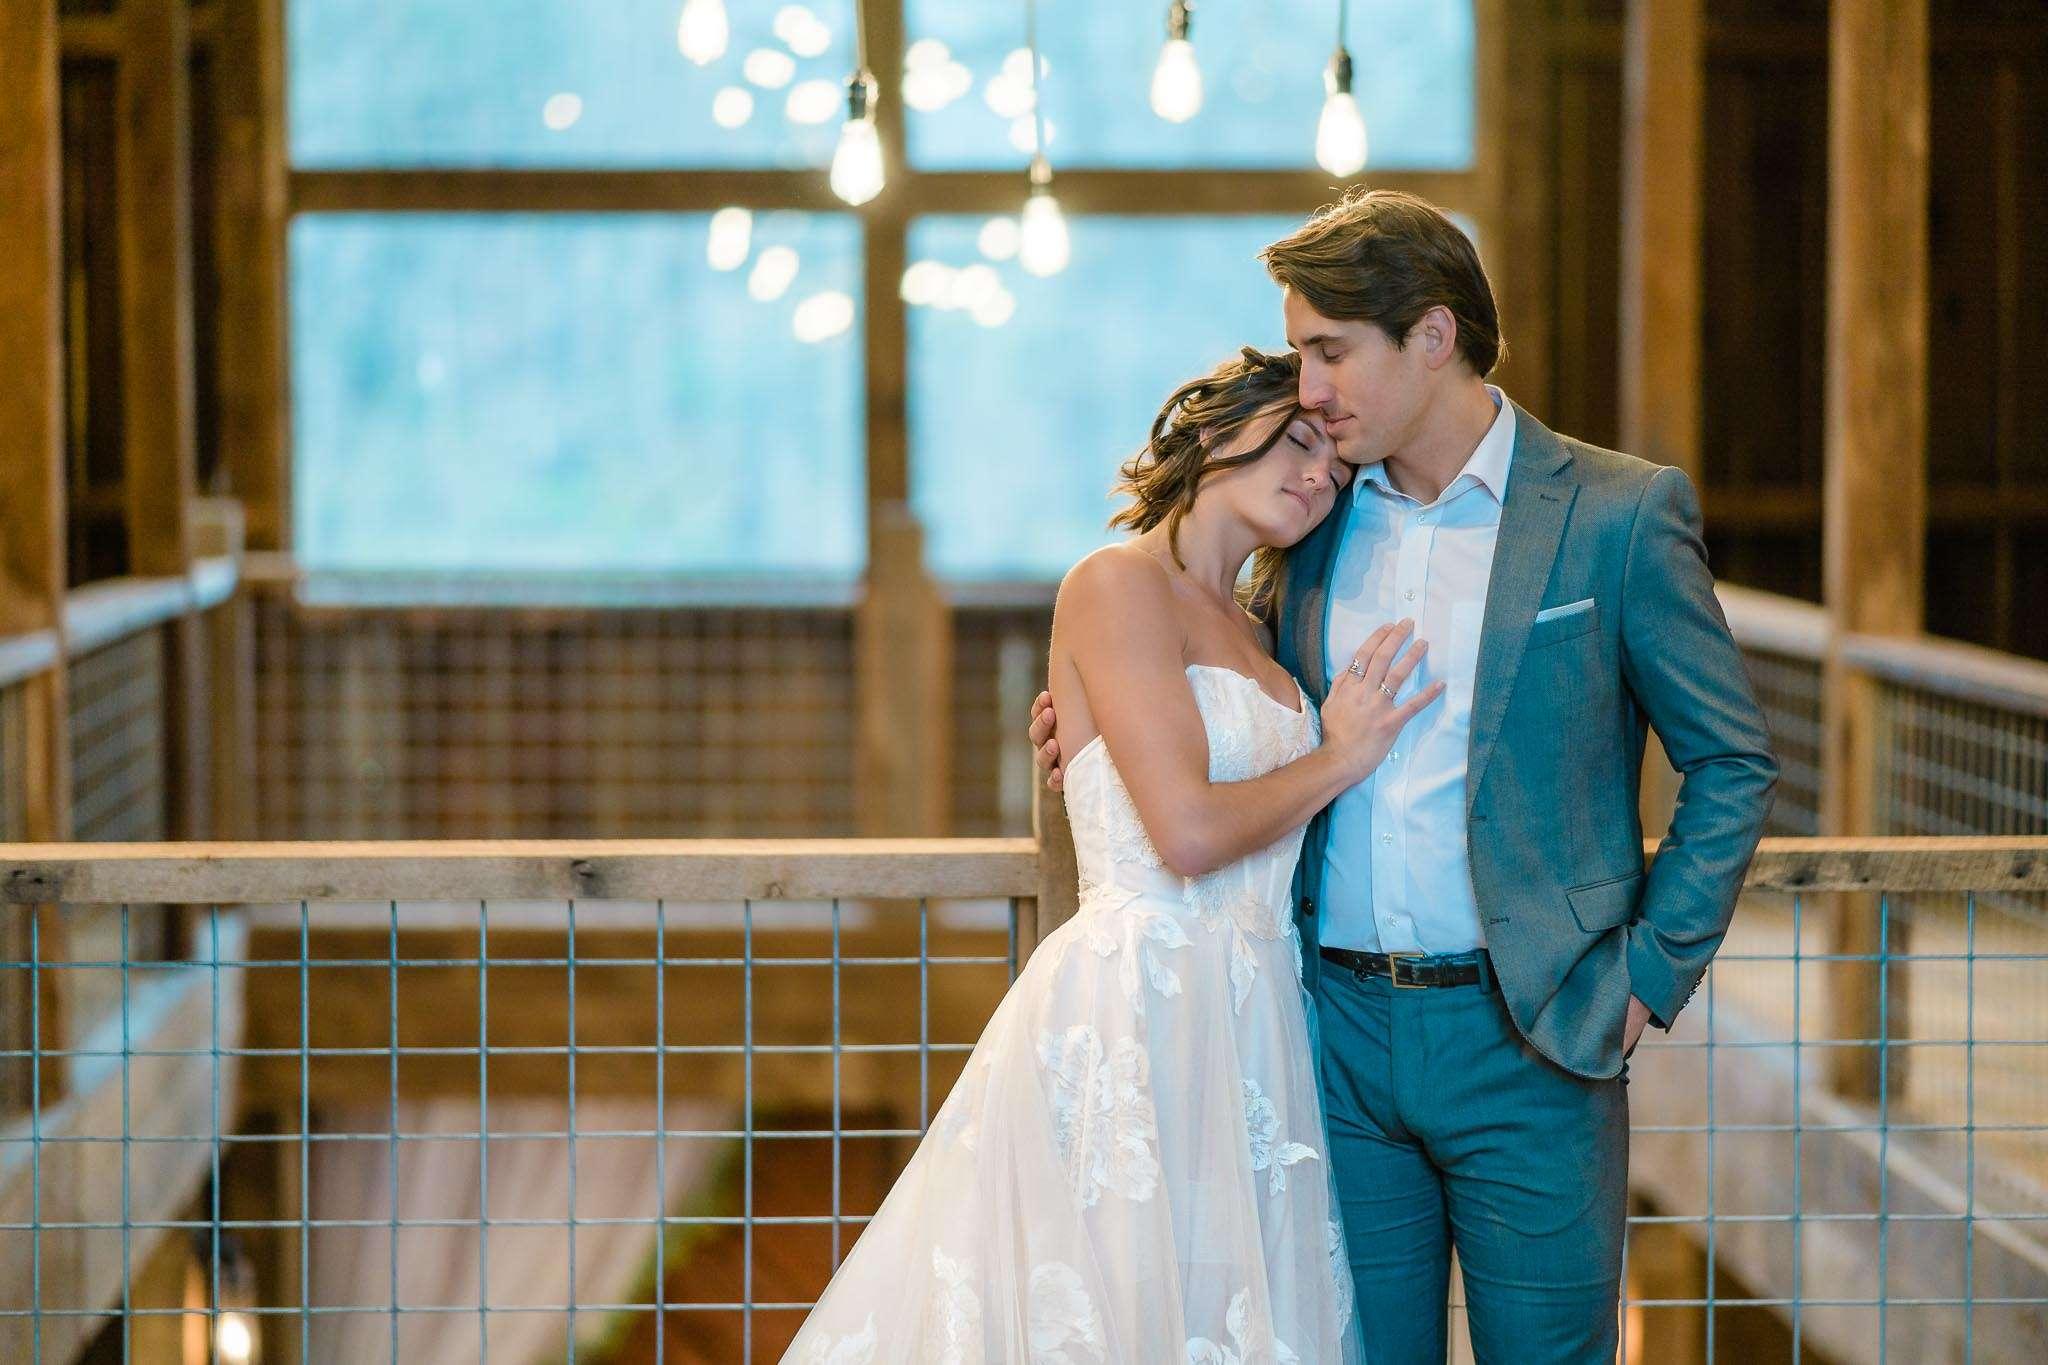 Madisonville, KY Wedding Photographer - Keepsake Wedding Photography